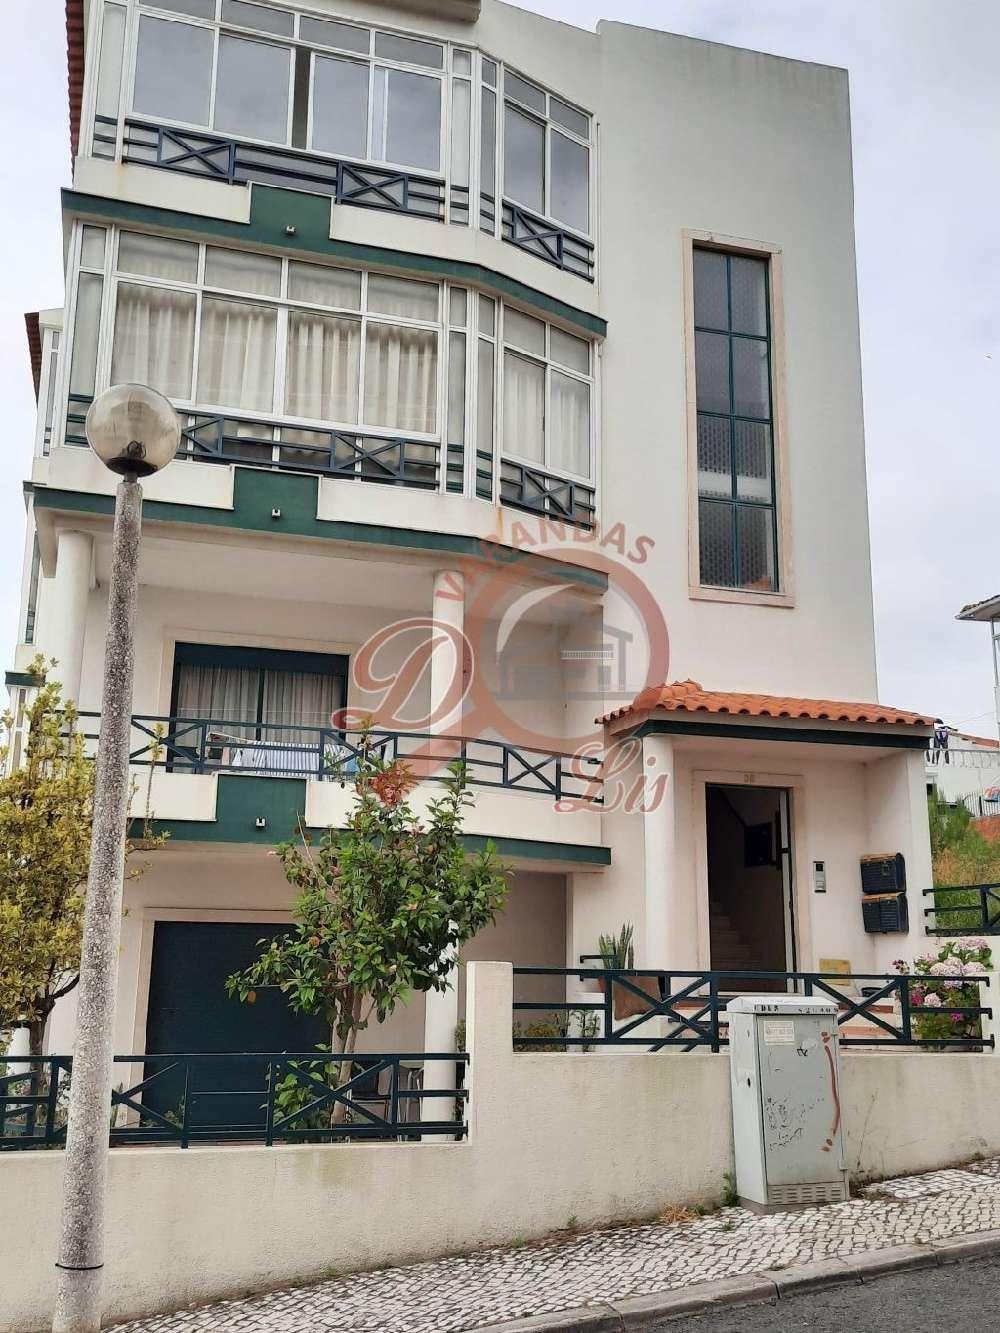 kaufen Apartment Caldas Da Rainha Leiria 1